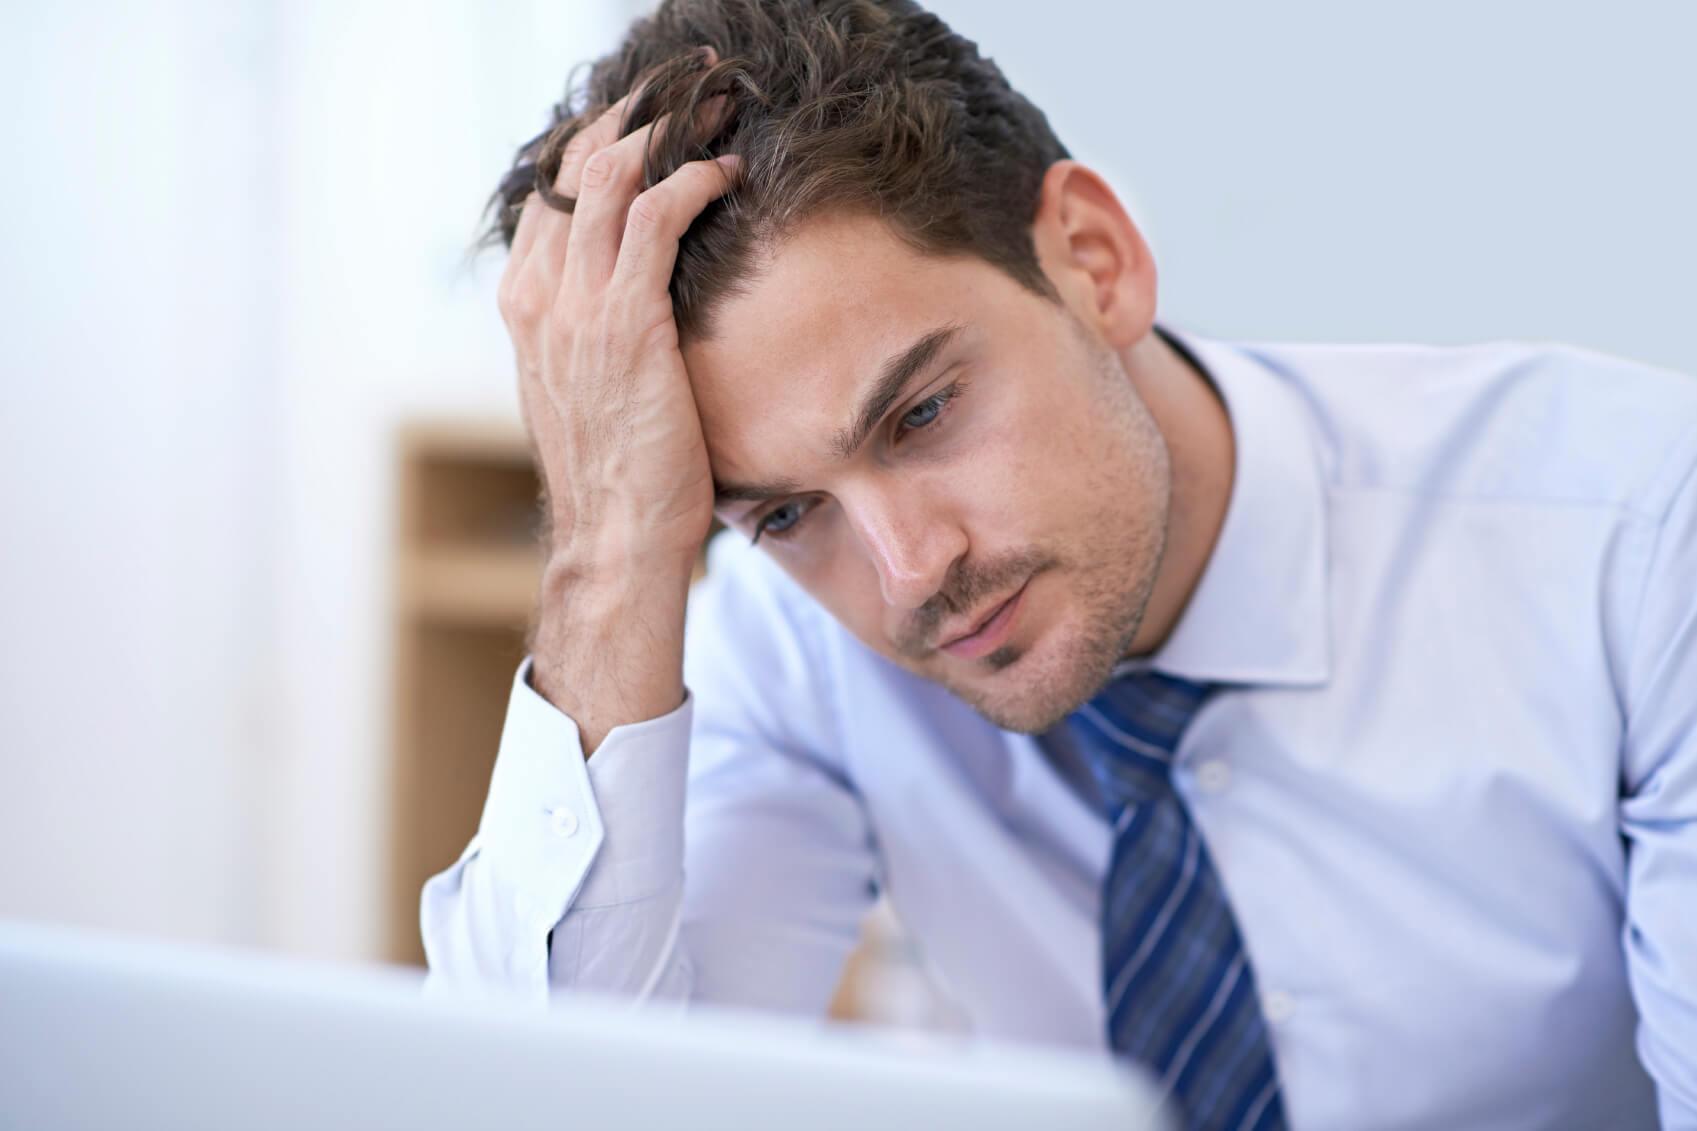 Baş ağrısını ilaçsız geçirmek için 10 ipucu